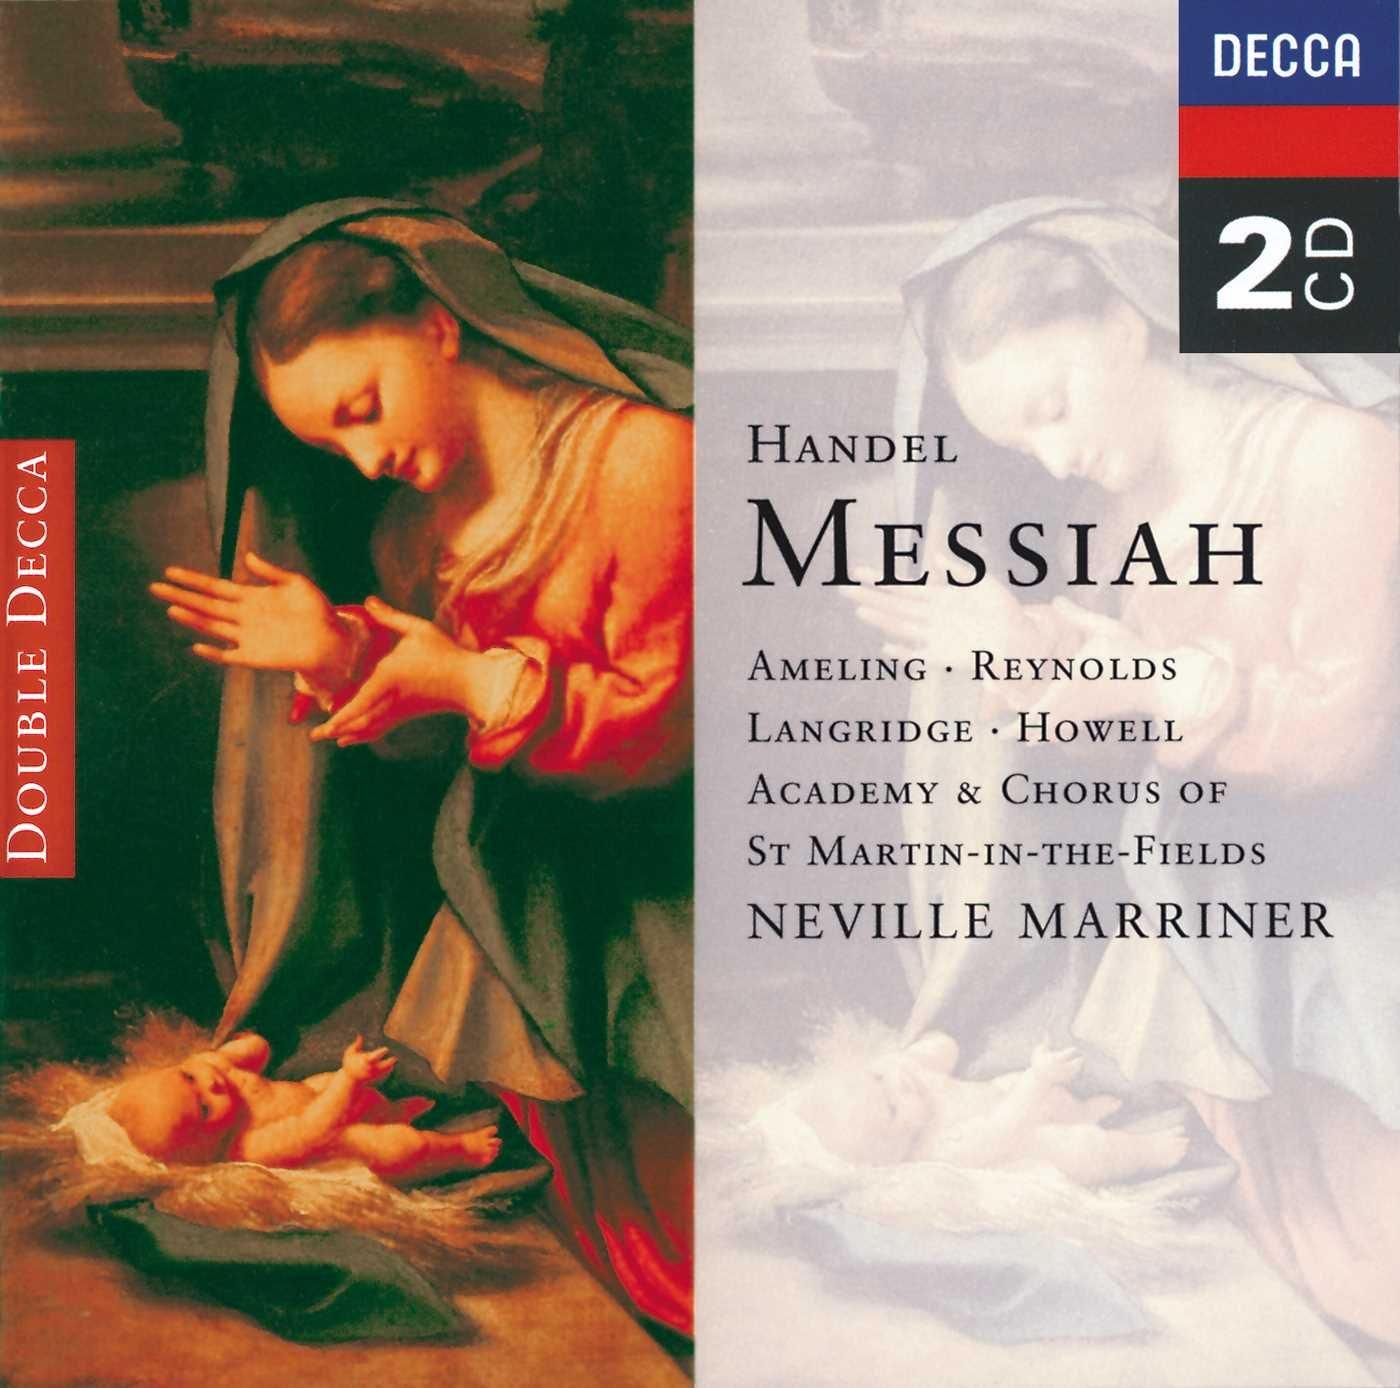 Handel - Messiah / Ameling · A. Reynolds · Langridge · Howell · Marriner by Decca